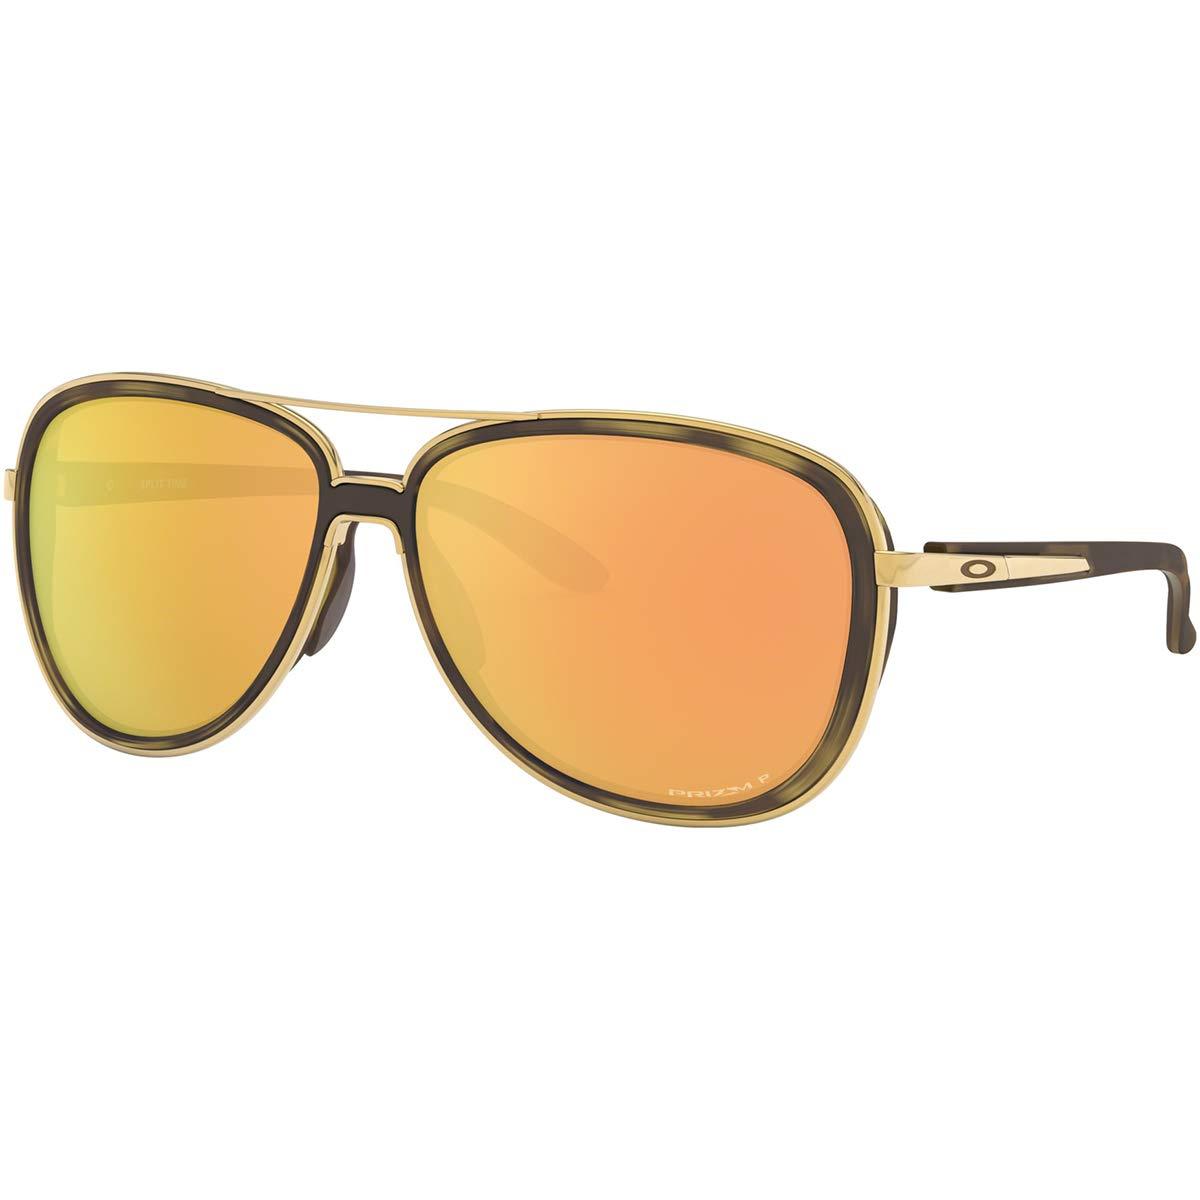 Oakley Women's OO4129 Split Time Aviator Metal Sunglasses, Brown Tortoise Gold/Prizm Rose Gold Polarized, 58 mm by Oakley